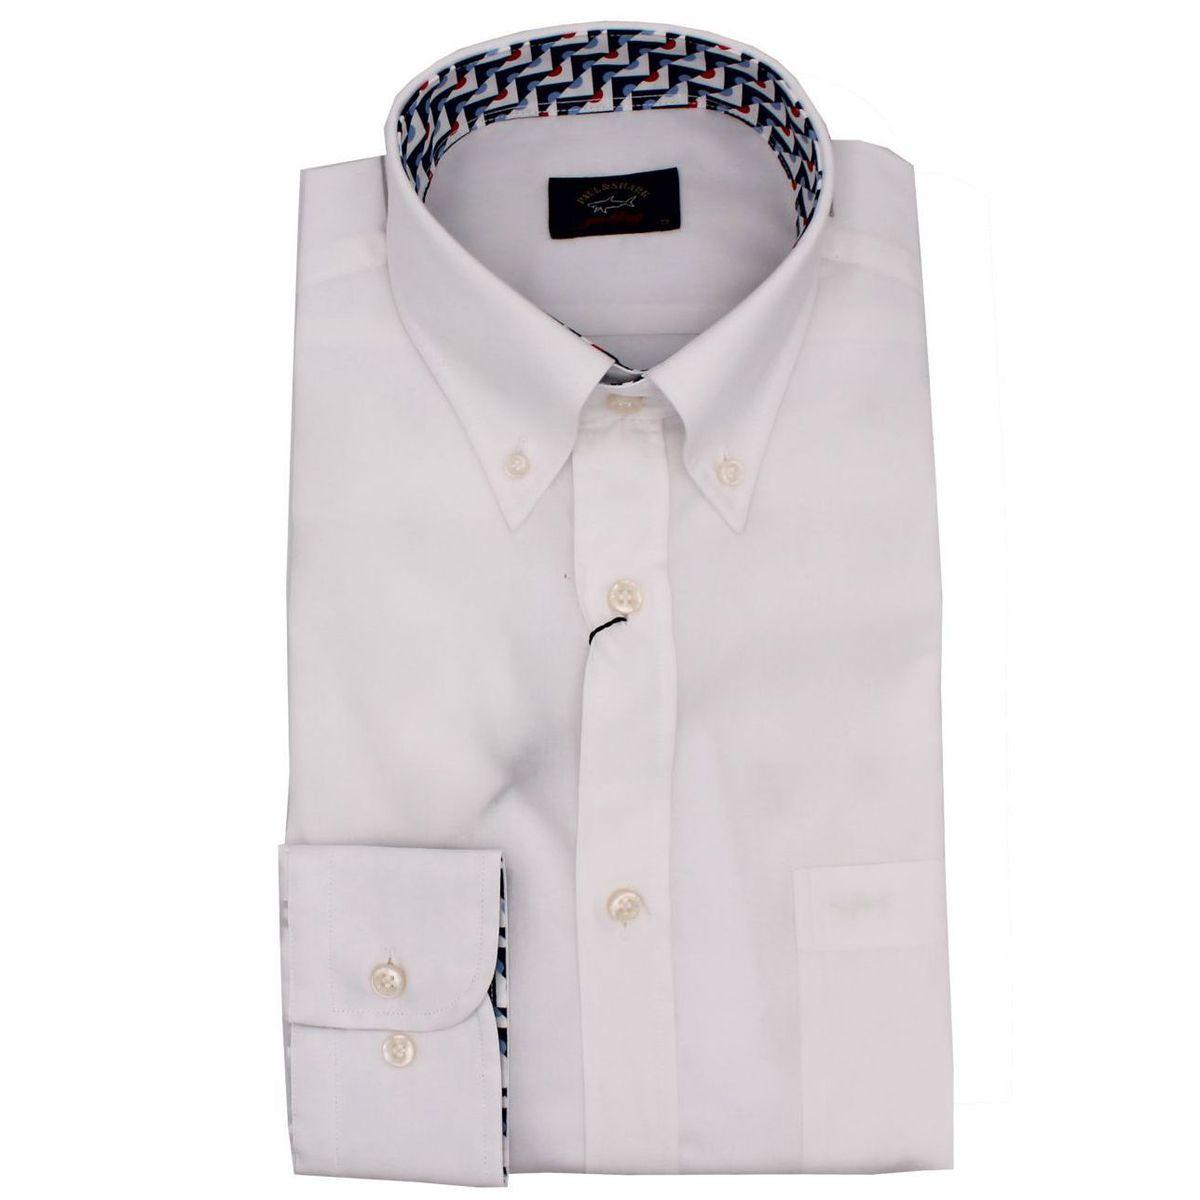 Camicia in cotone con stampa fantasia a contrasto Bianco PAUL & SHARK